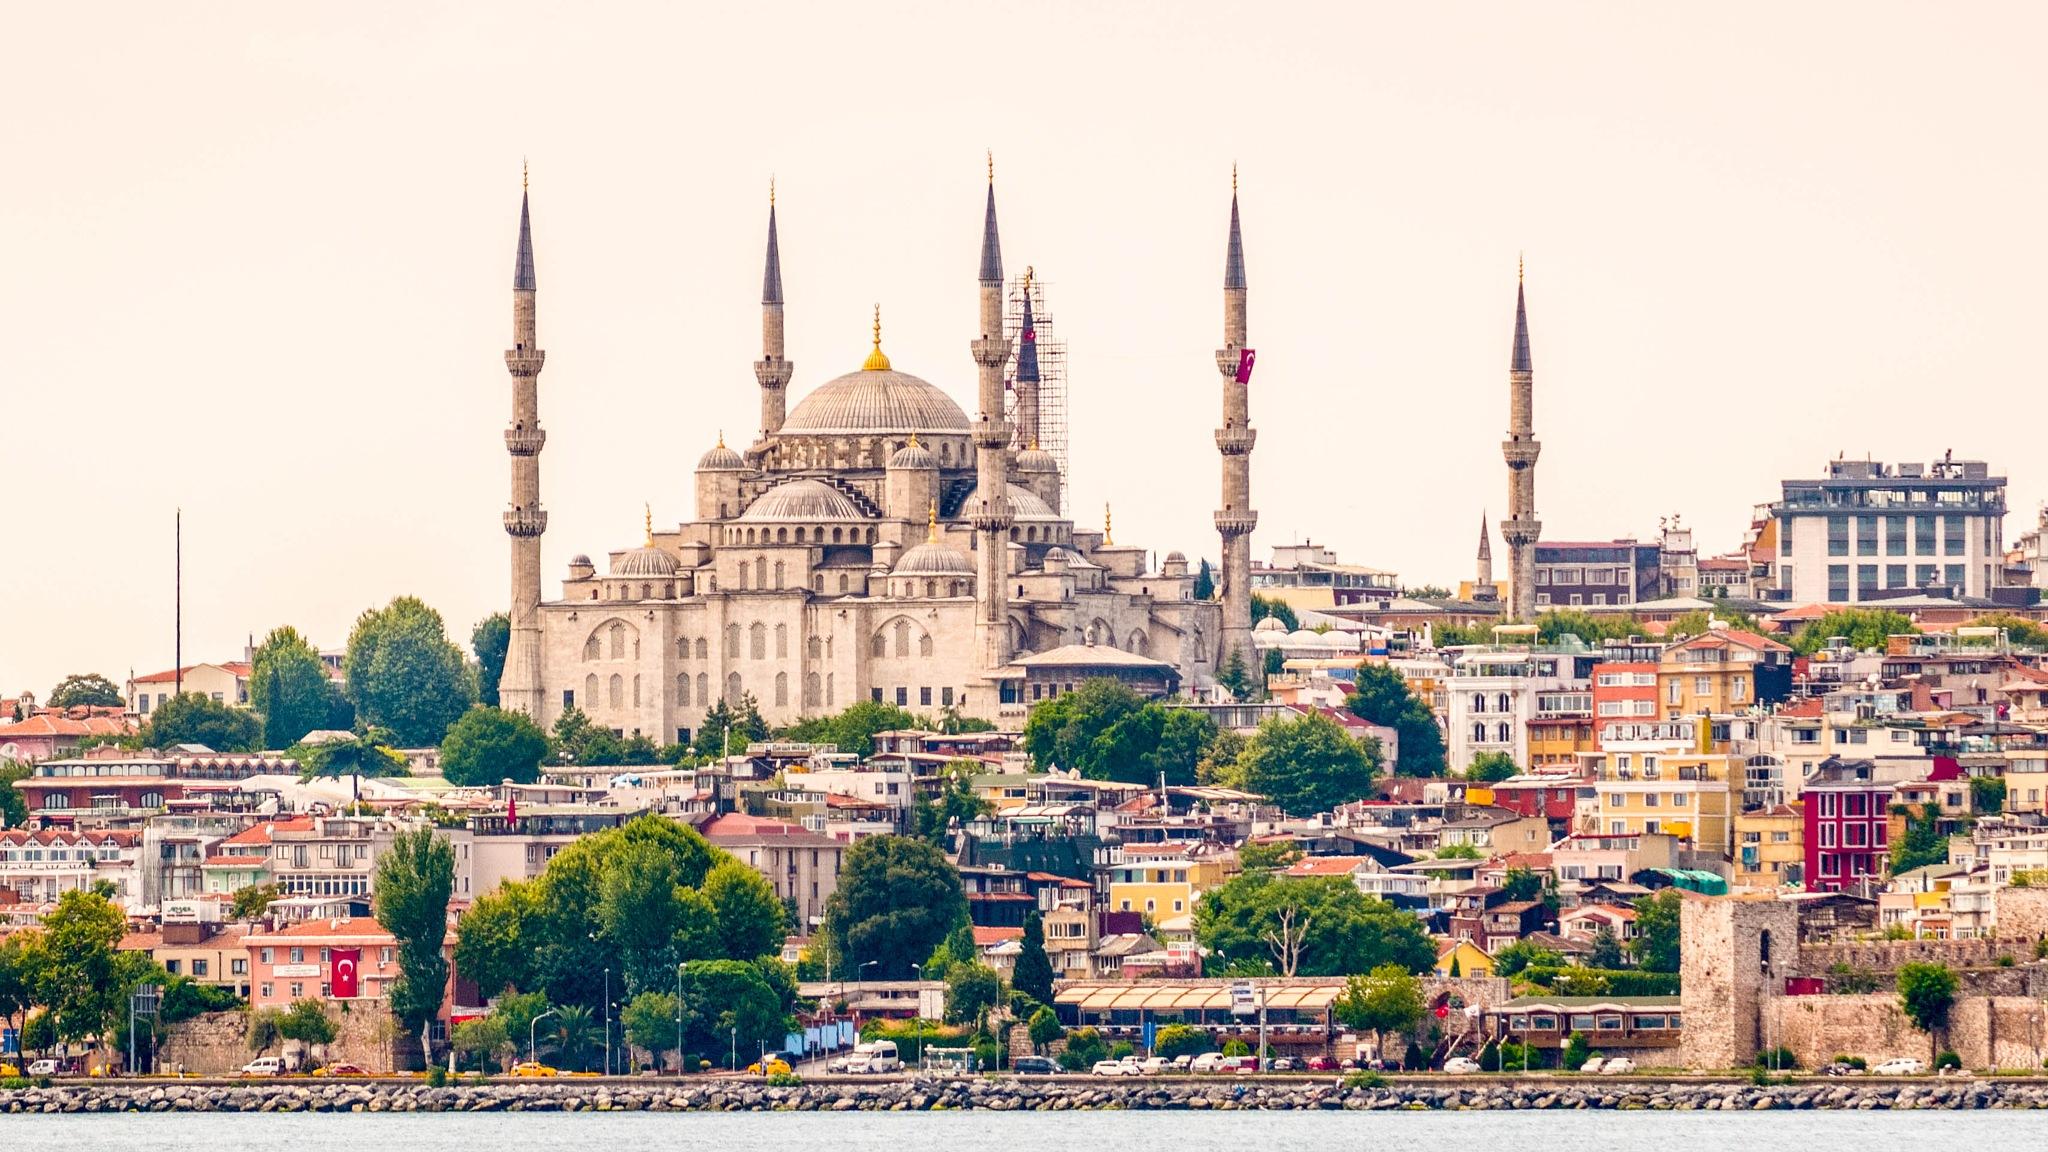 Sultan Ahmet Camii by Şener Tan